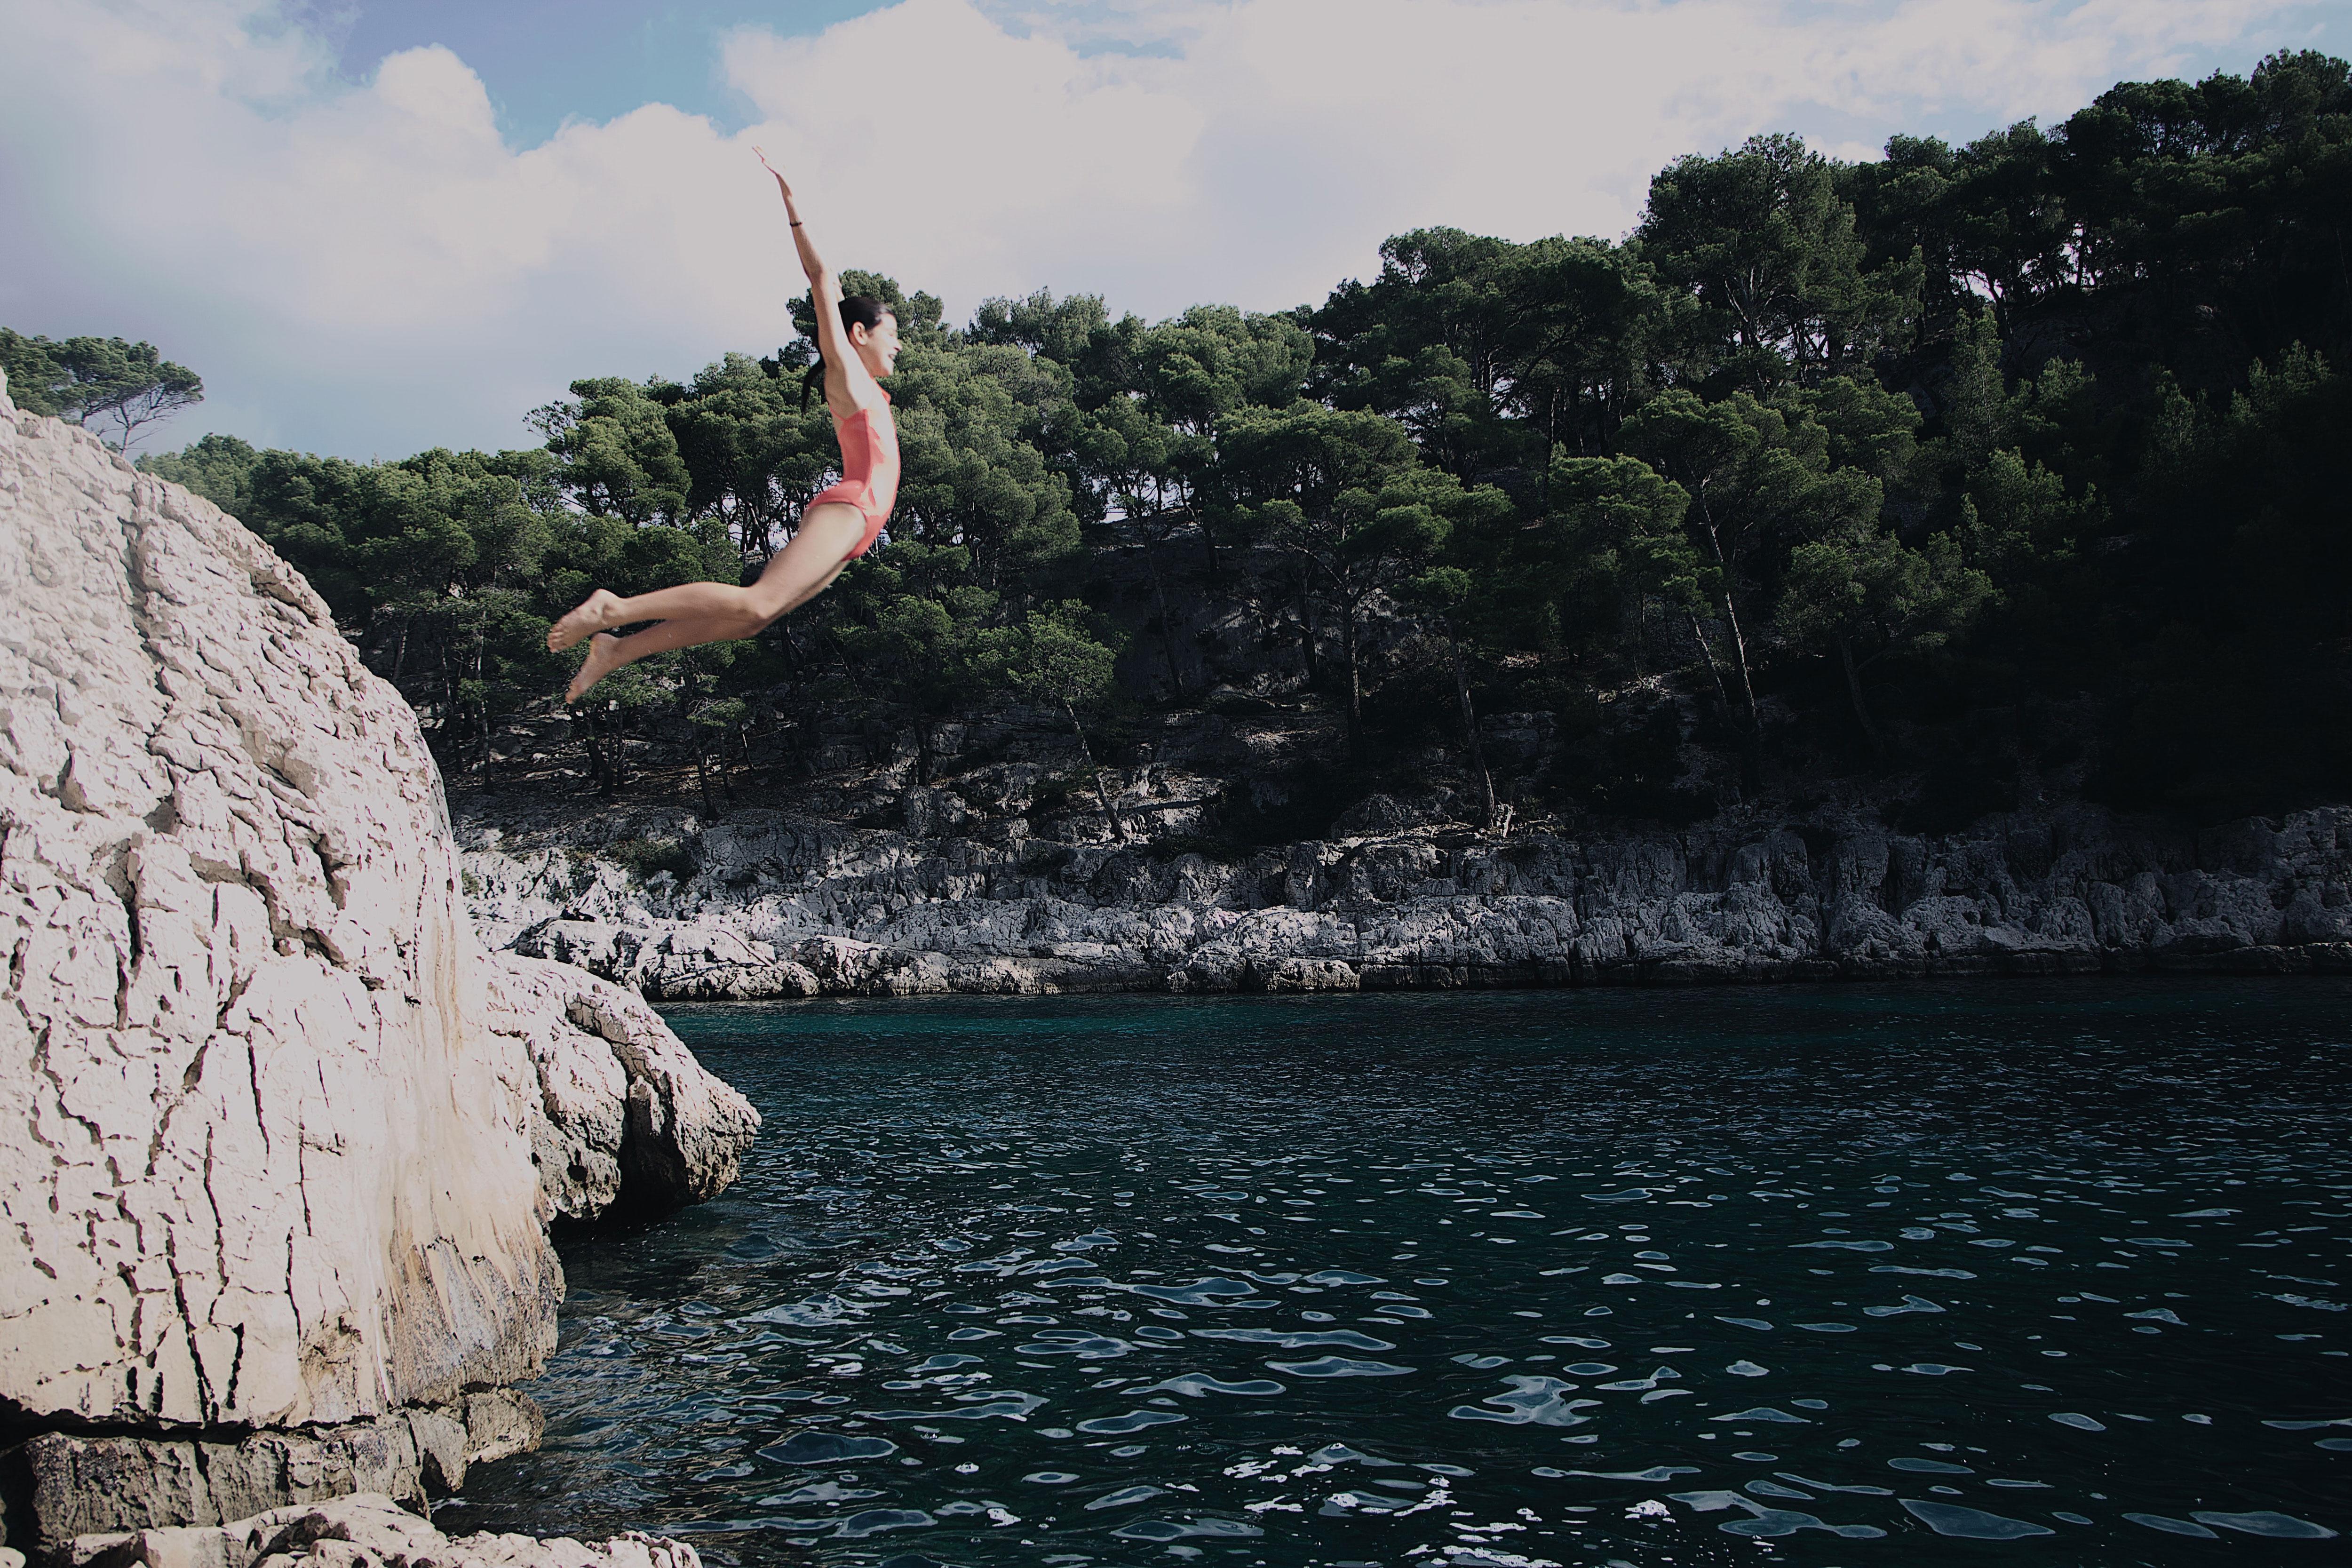 Sauter dans l'eau